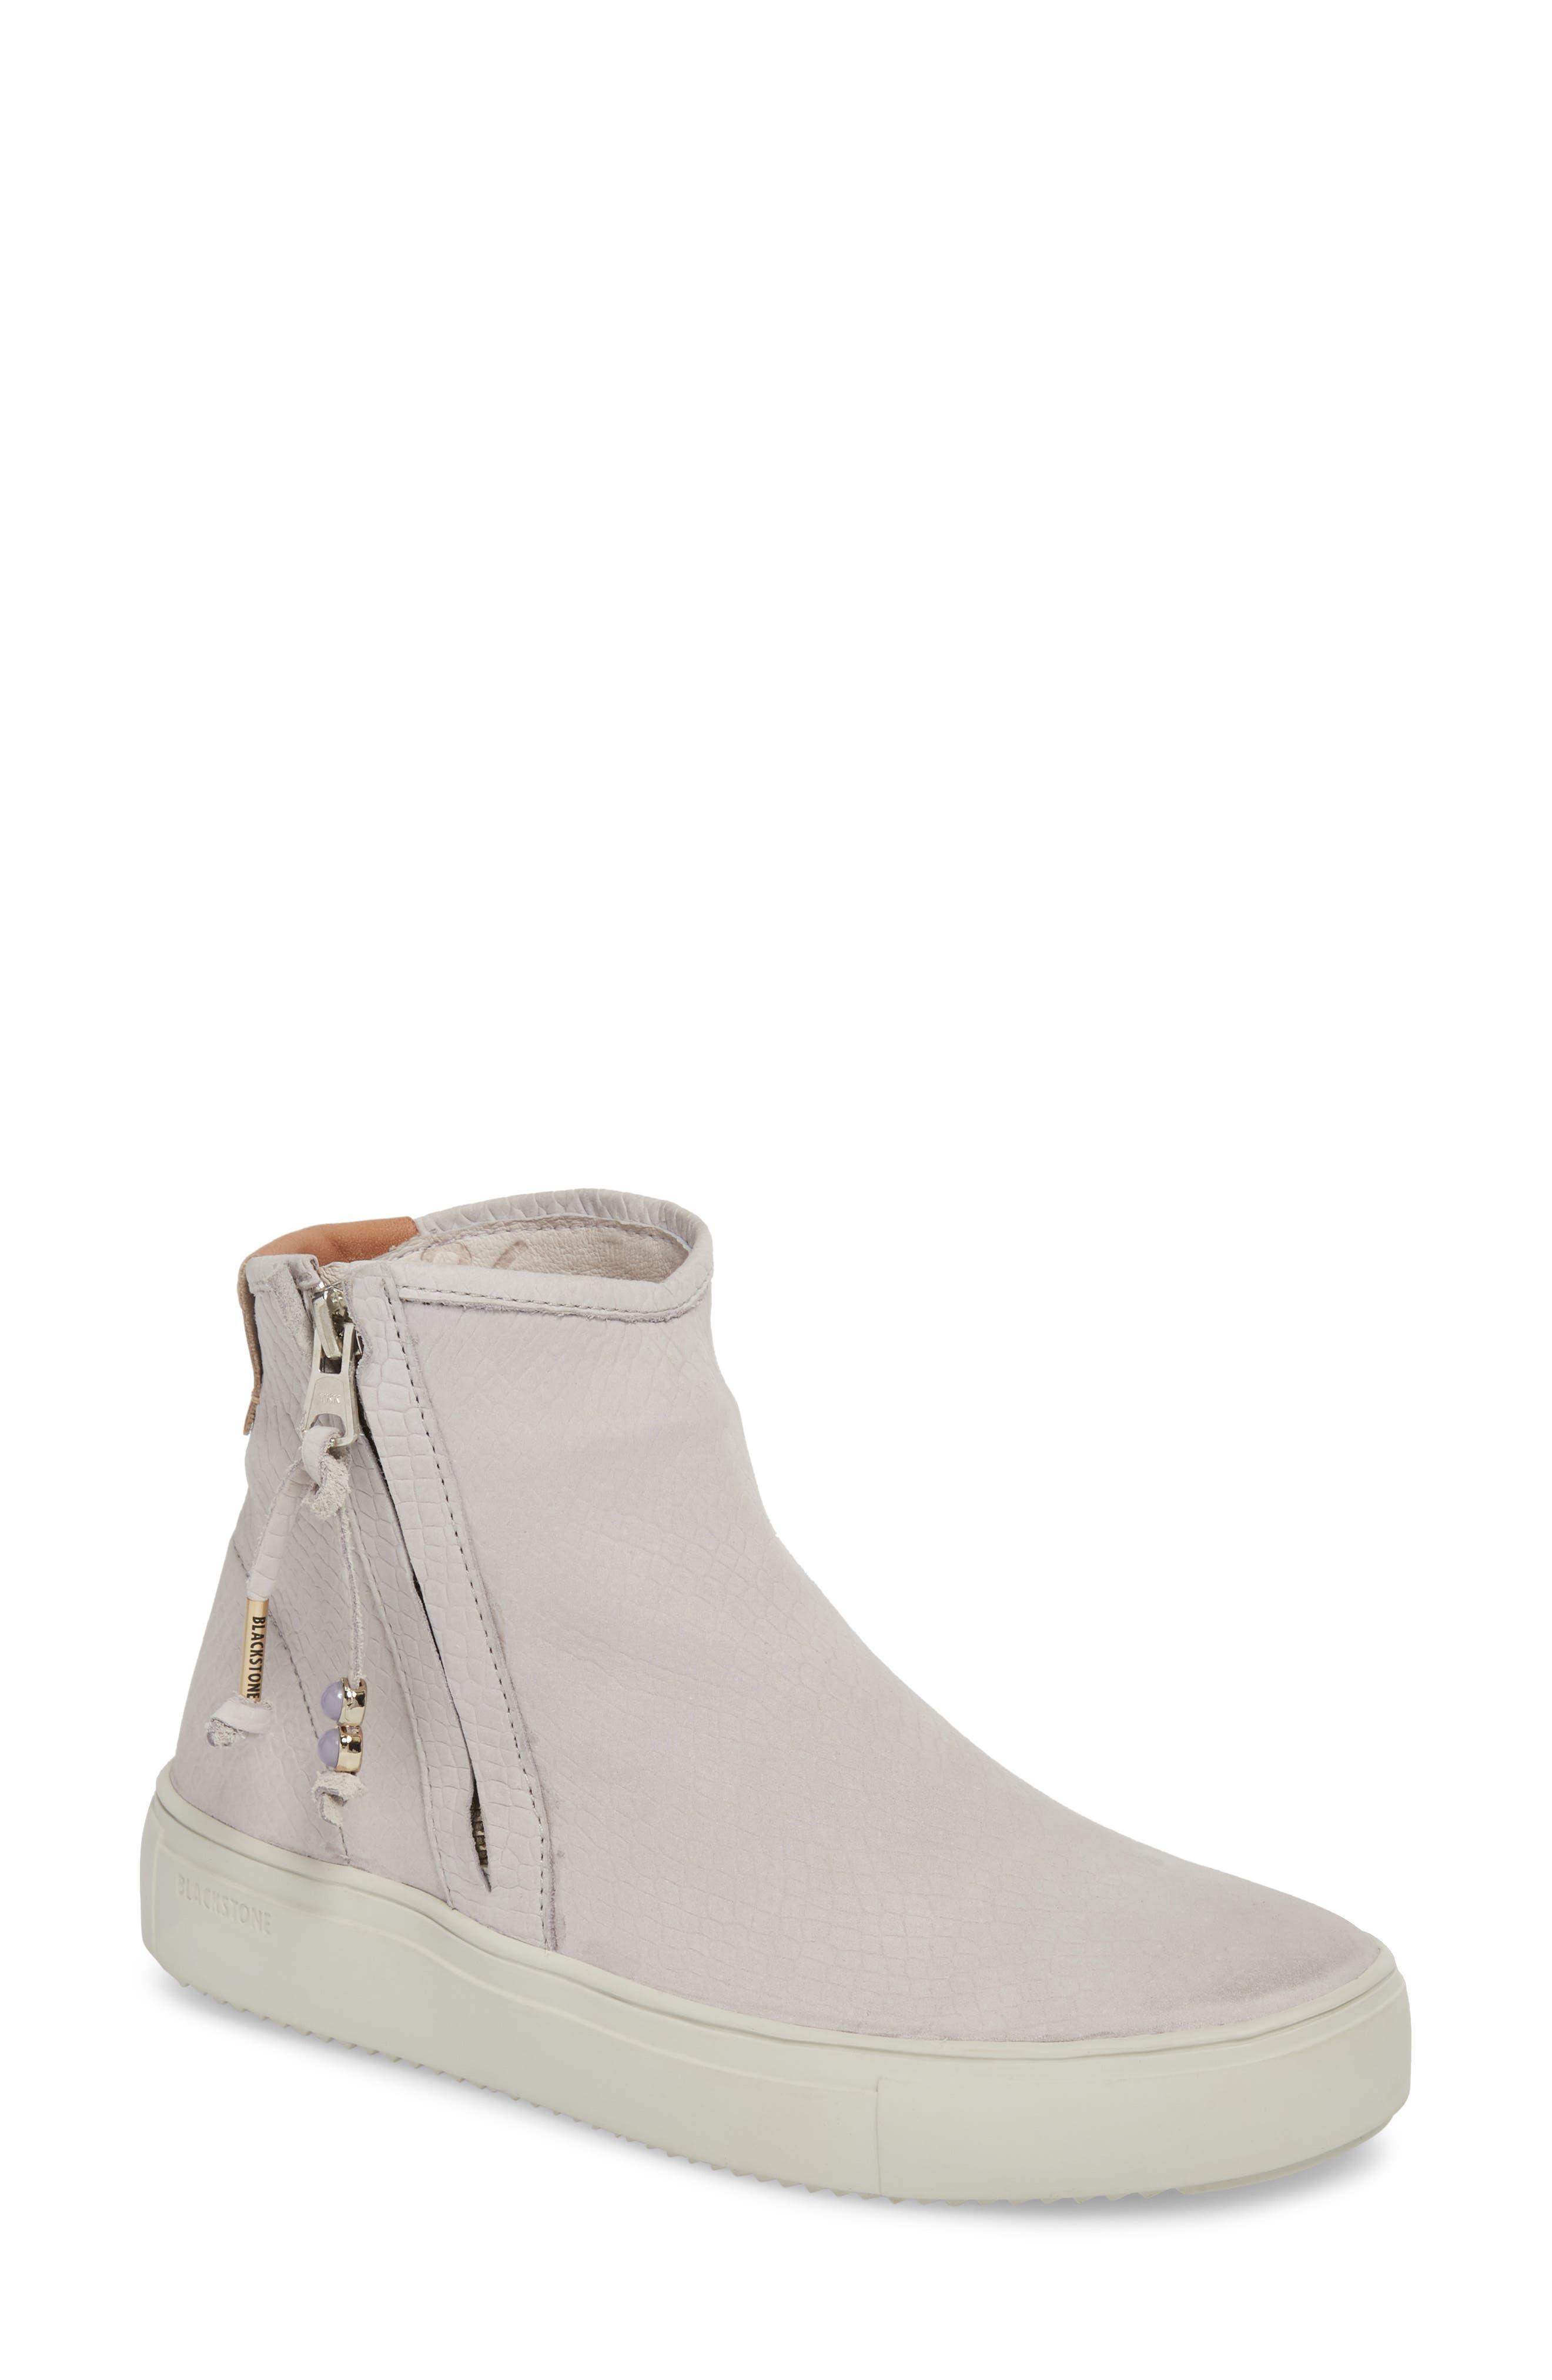 Image of Blackstone Side Zip High-Top Sneaker